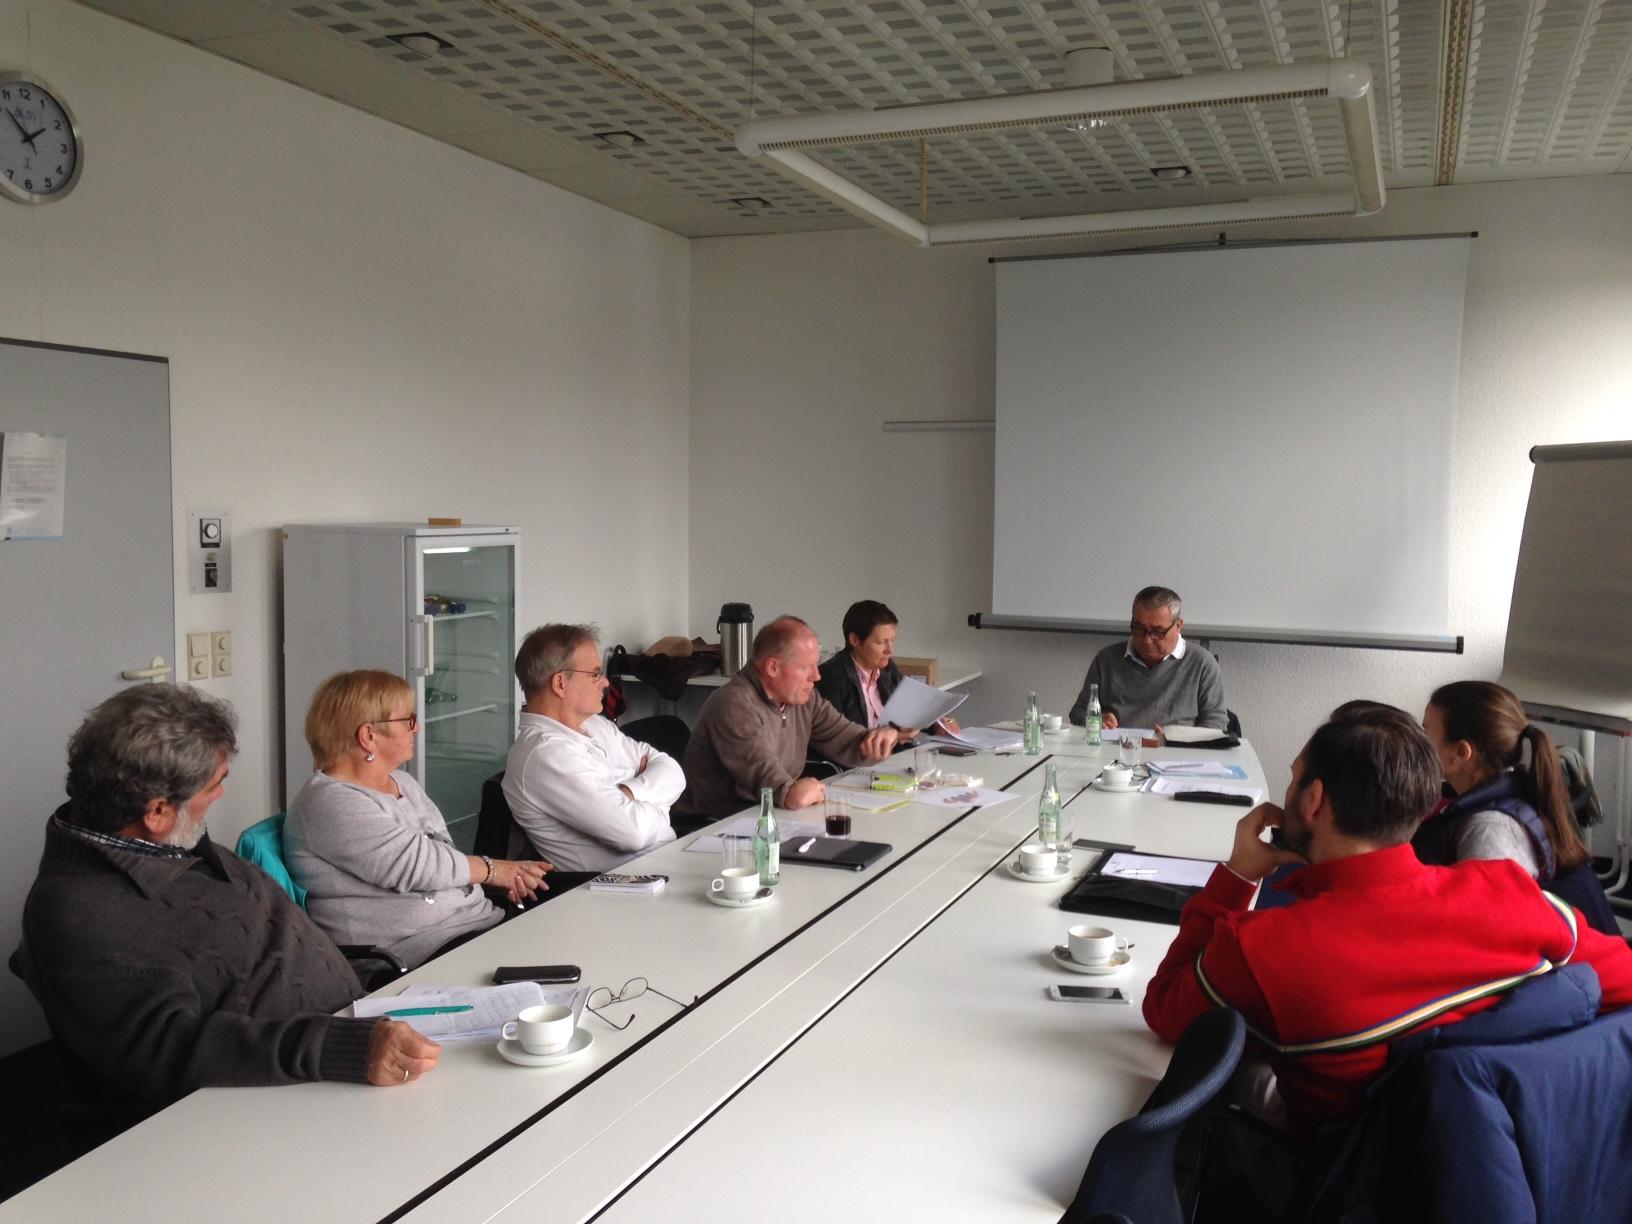 """Ideen, Diskussionen, Erfahrungsaustausch: erstes Meeting der GC-Inklusionsbeauftragten im """"Haus des Sports"""". Foto: Bräuninger"""